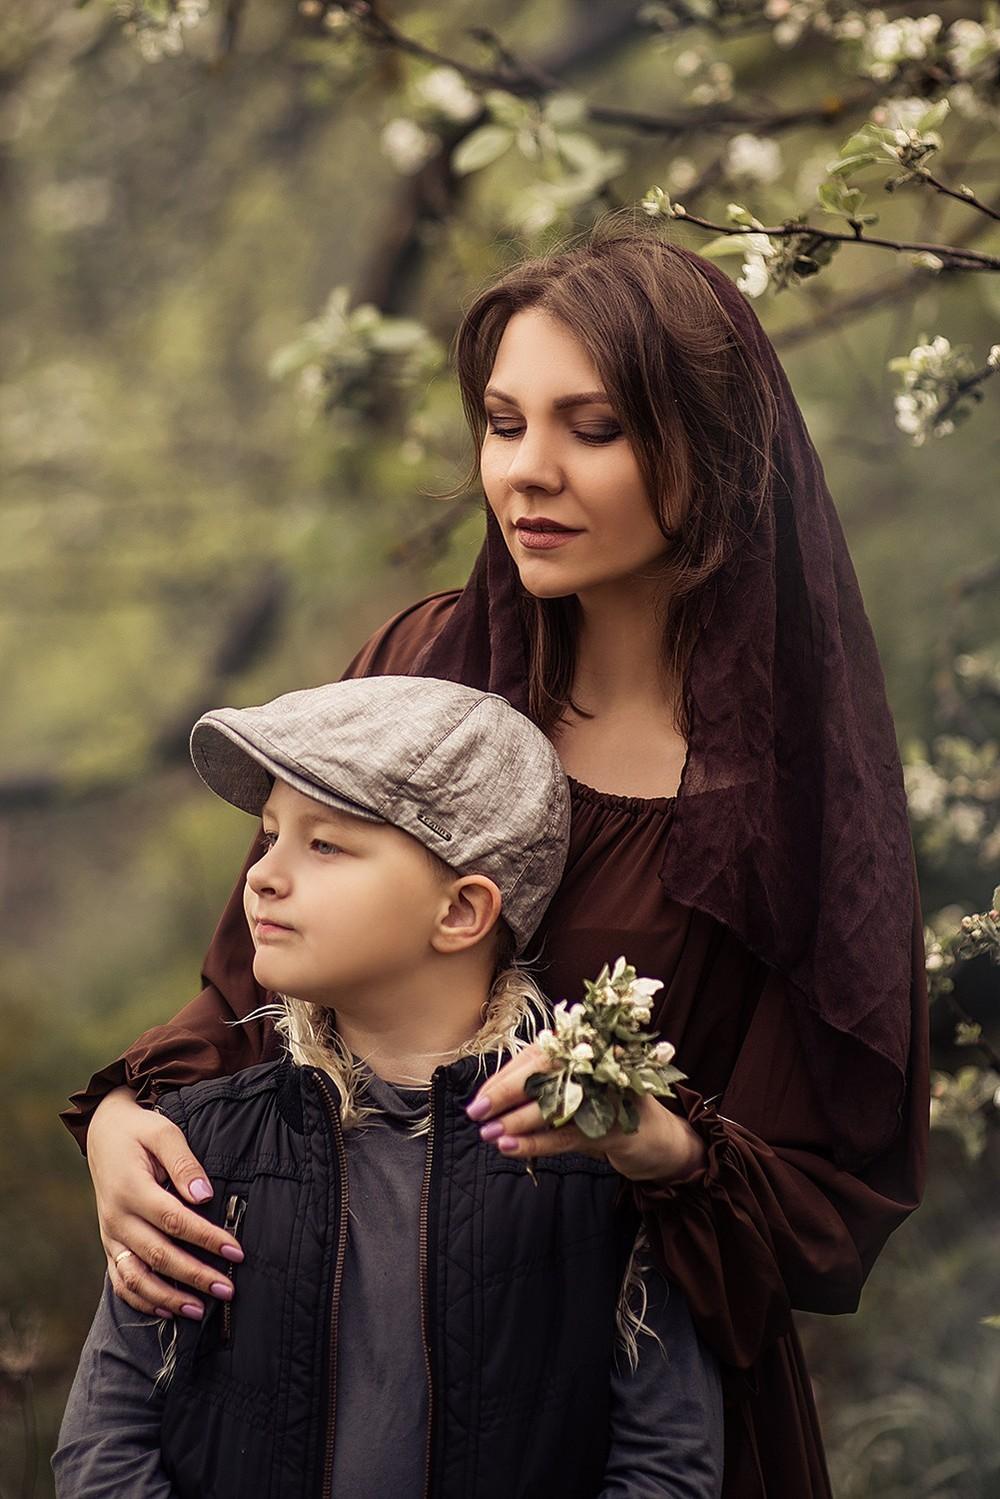 Мать и дитя - Моё...